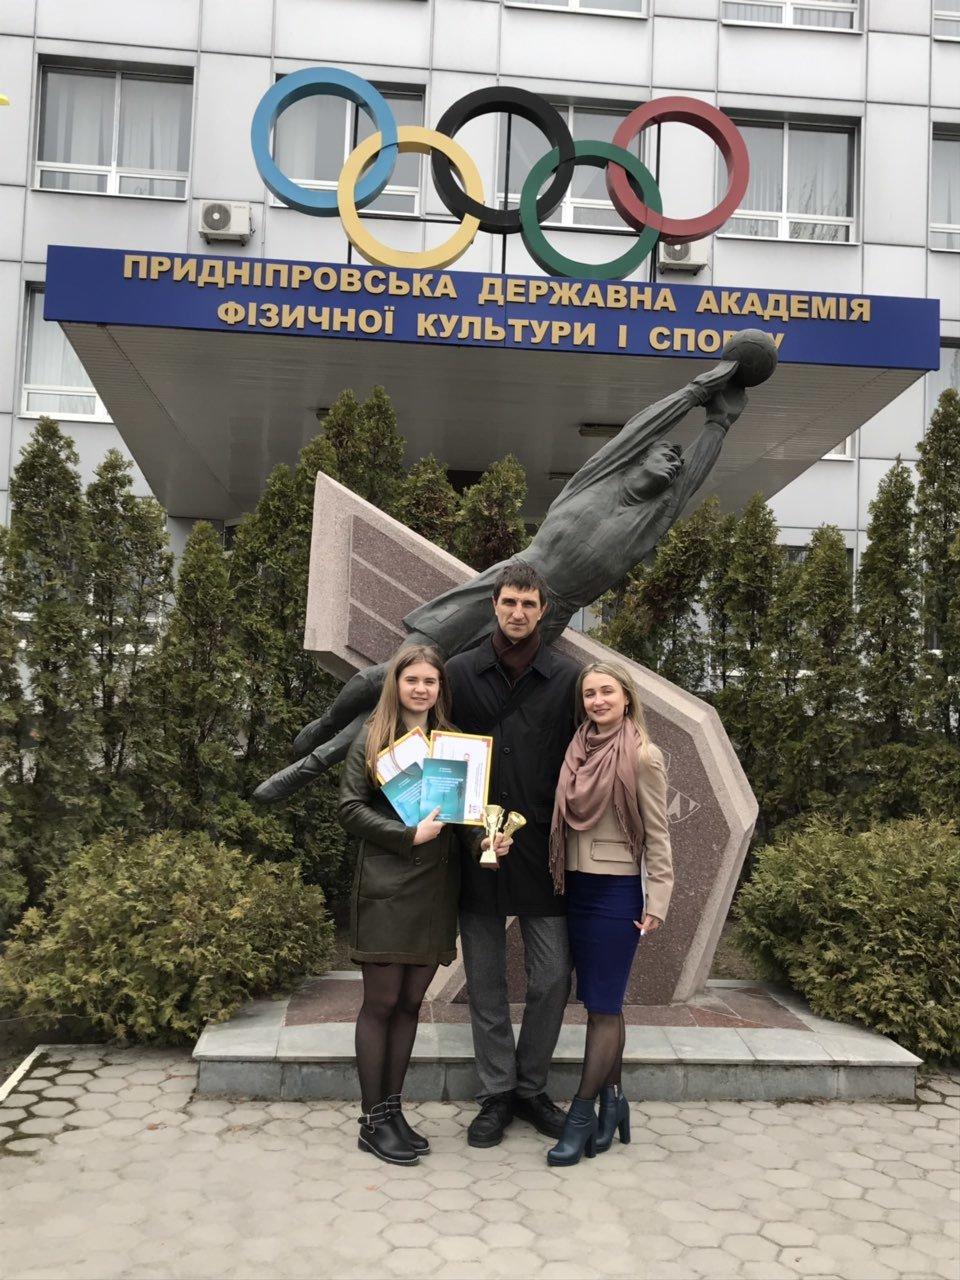 Наукова робота студентів ЧНУ серед призерів на Всеукраїнському конкурсі, фото-1